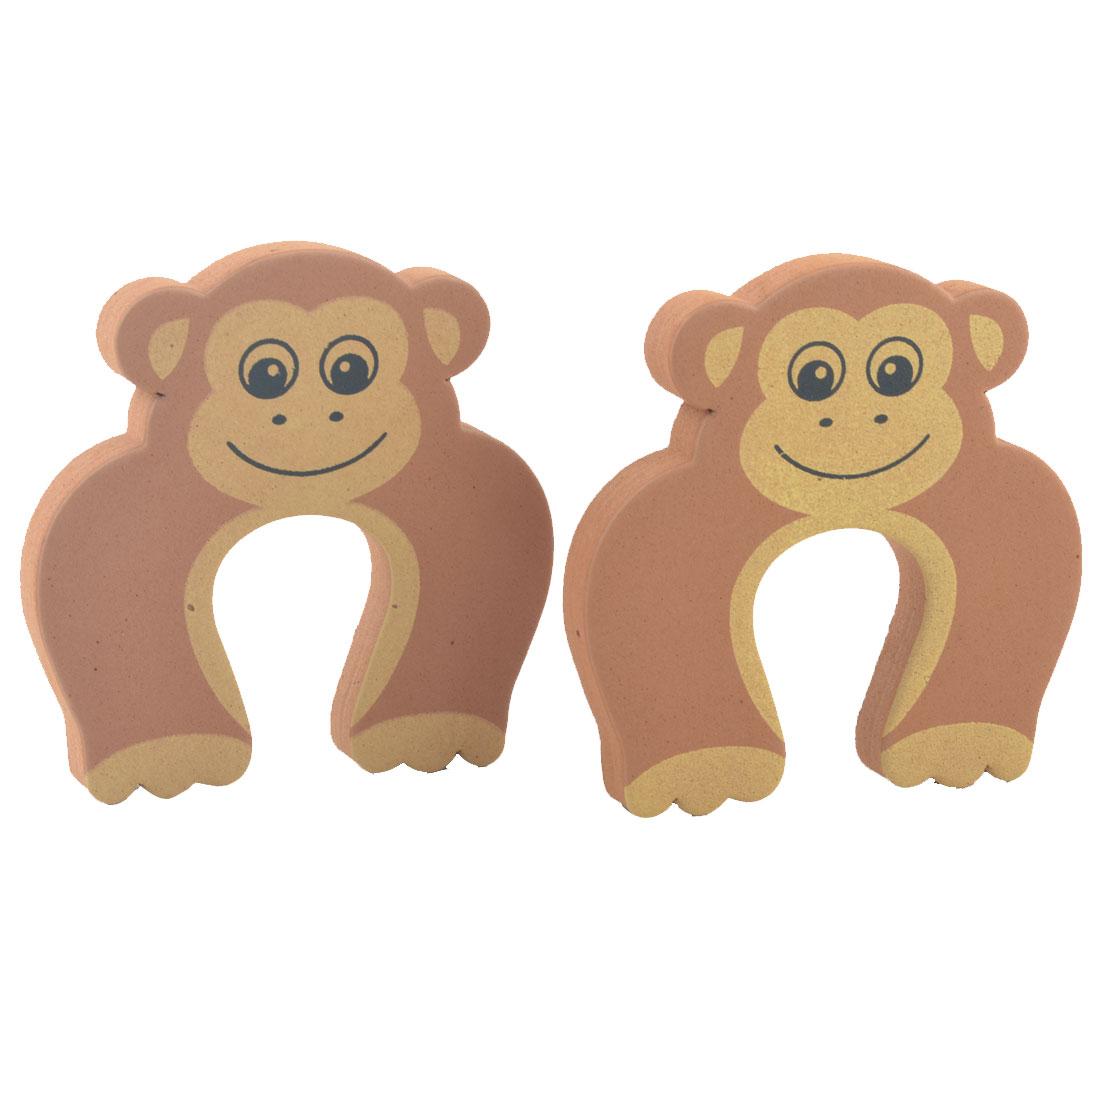 Home EVA Brown Monkey Finger Protector Safety Guard Doorstop Door Stopper 2pcs